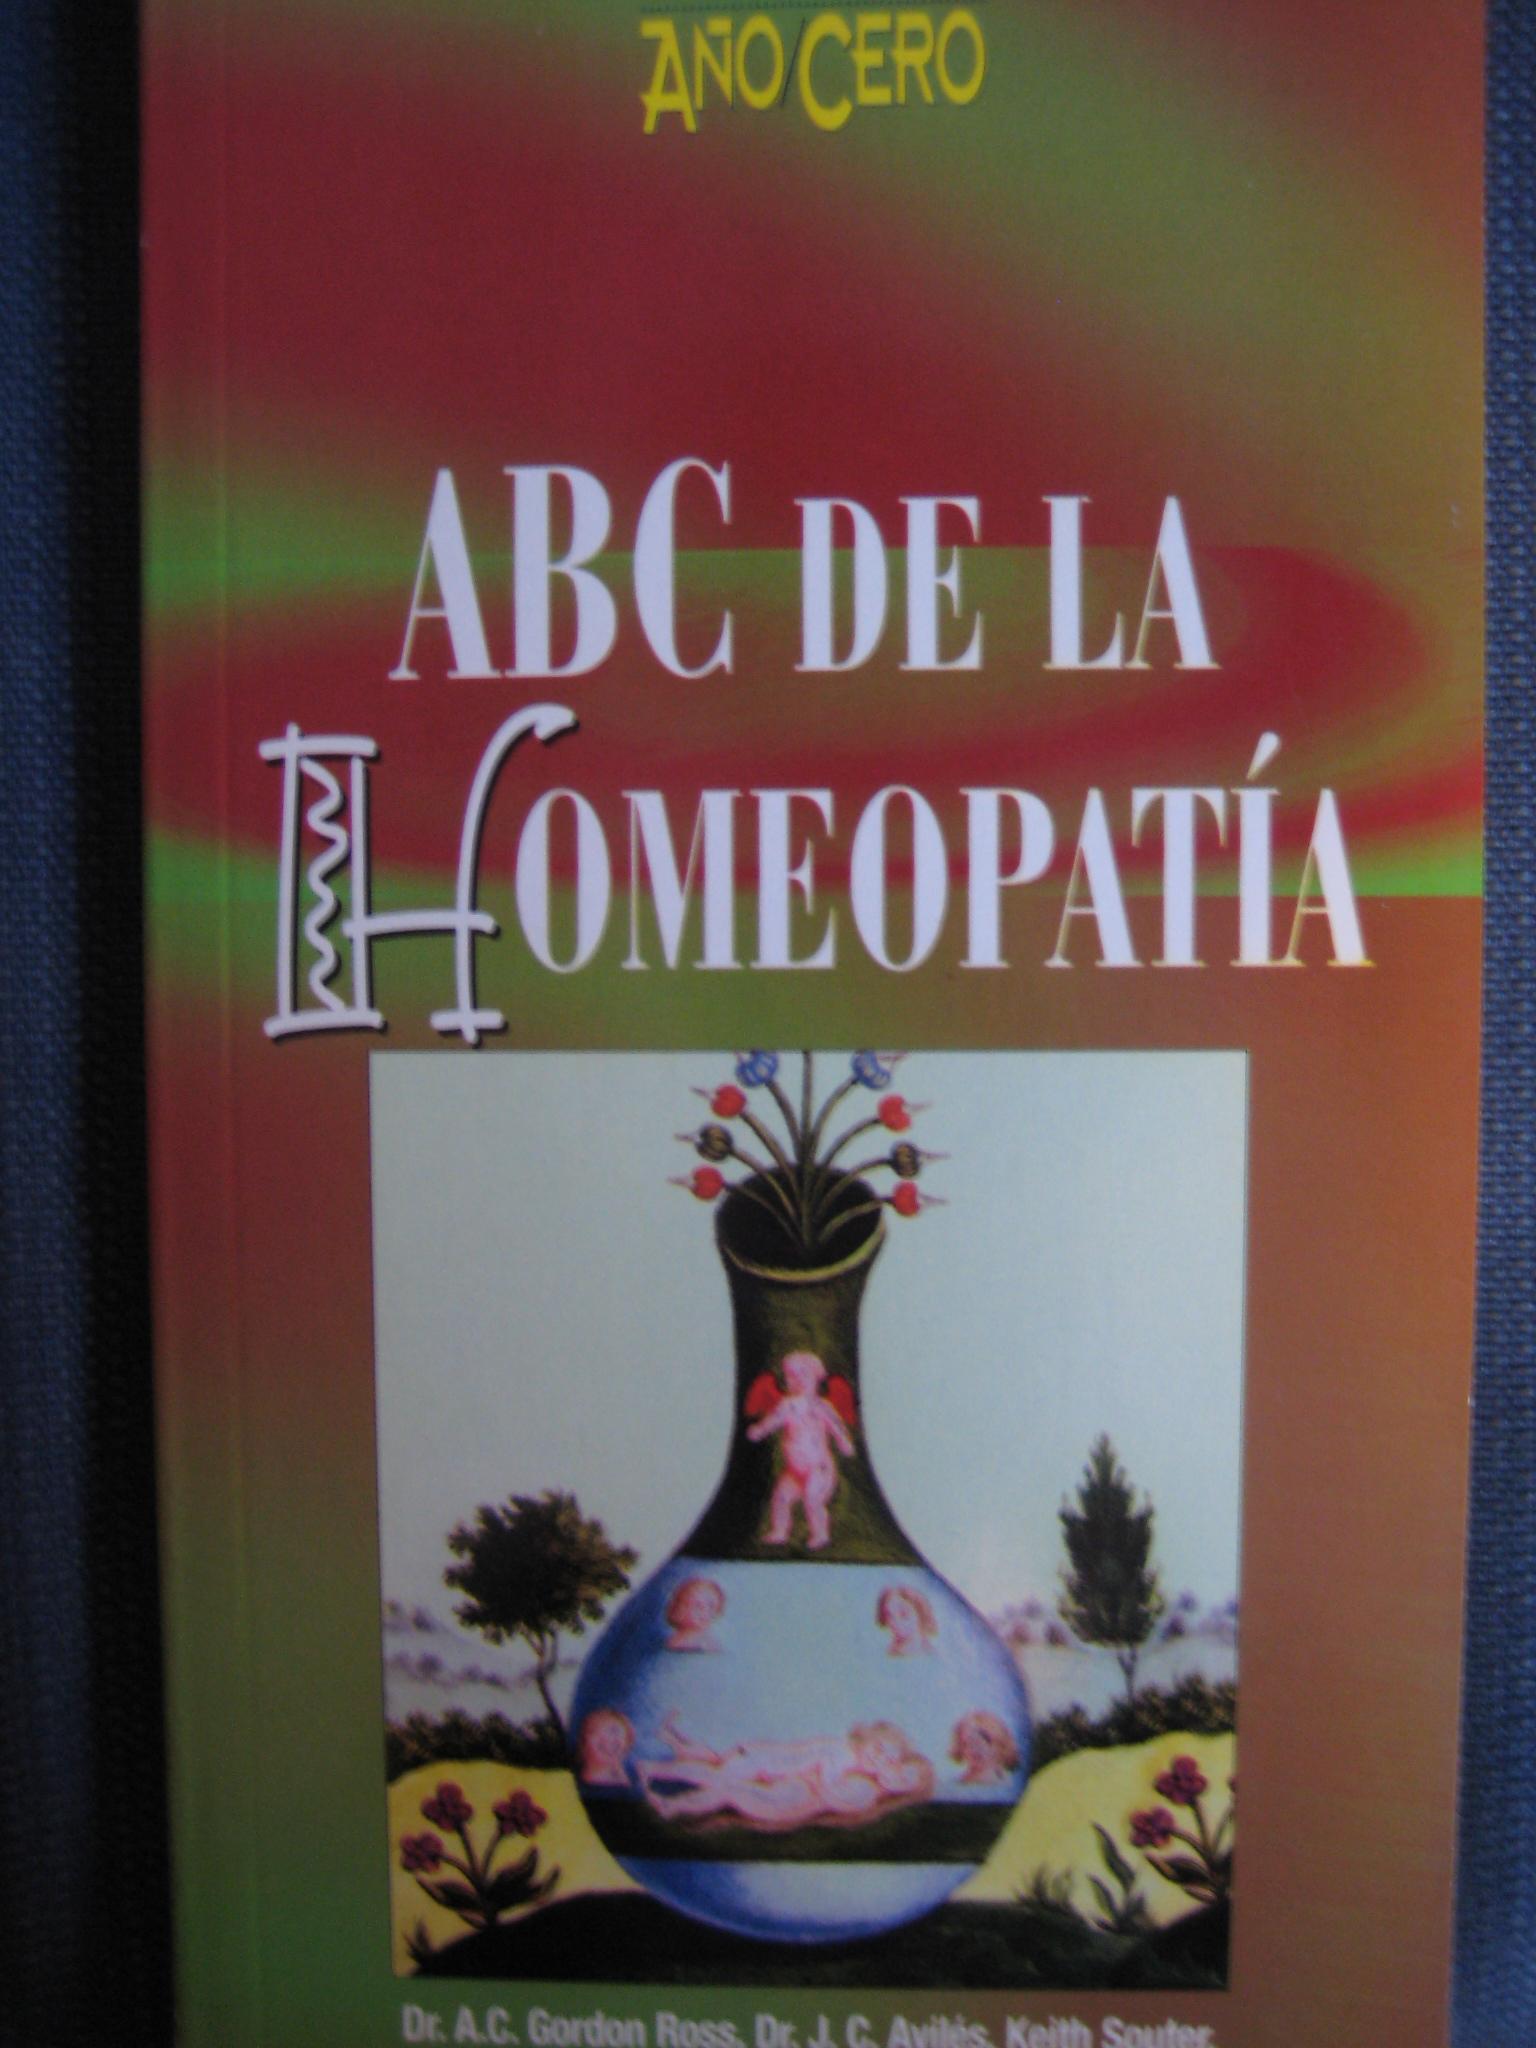 ABC de la Homeopatía